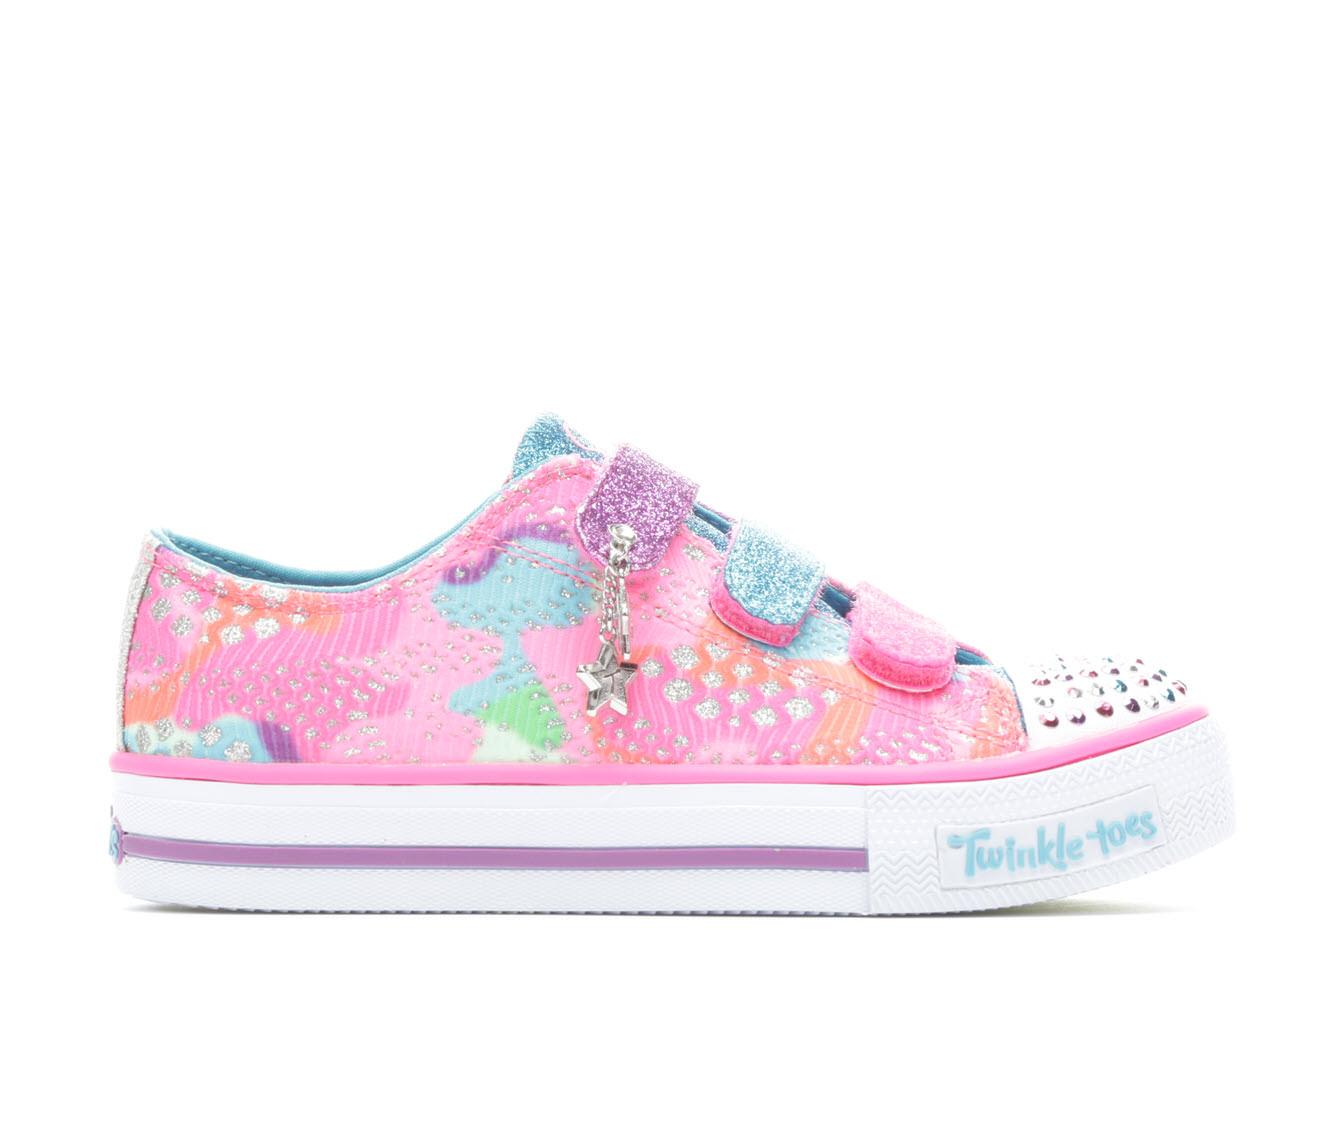 Girls' Skechers Shuffles Lookin' Lovely Sneakers (Pink)